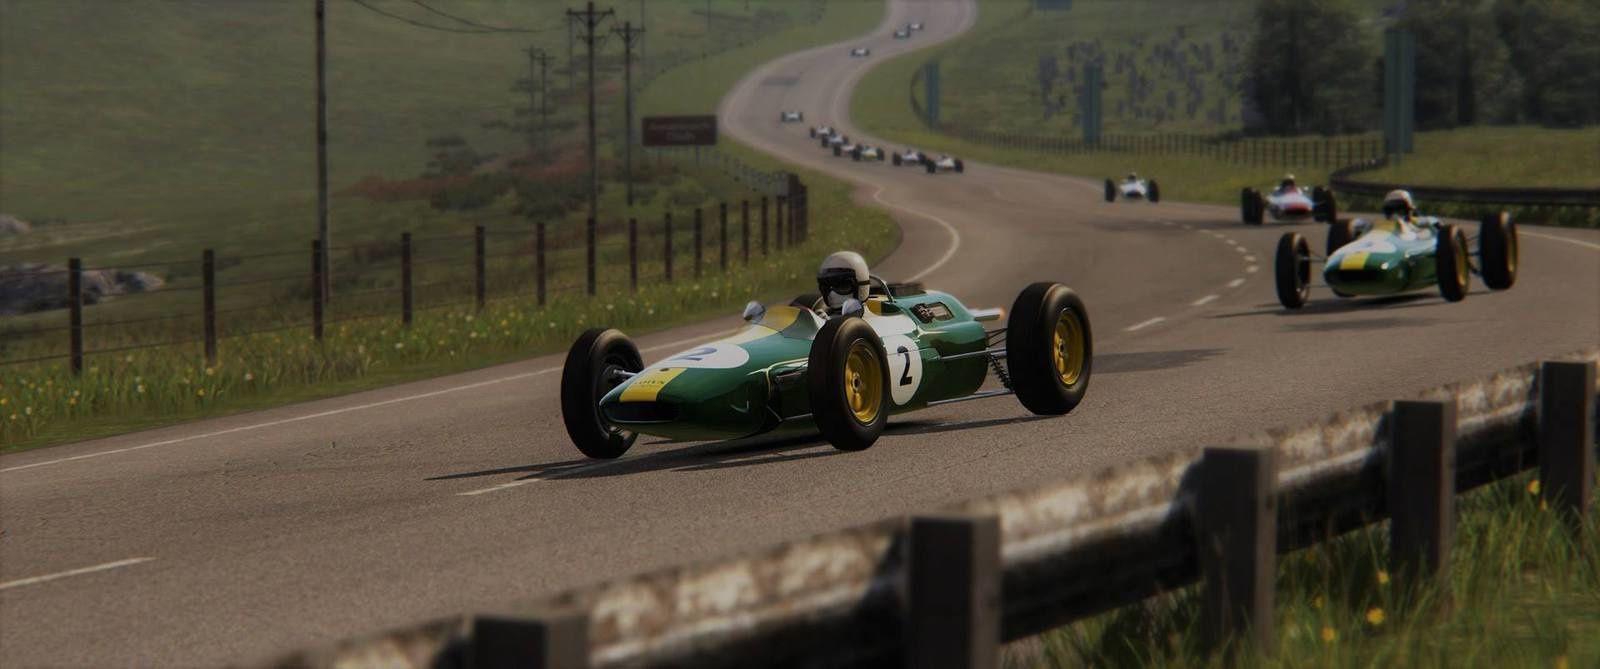 La Lotus 25 en action sur le nouveau tracé.